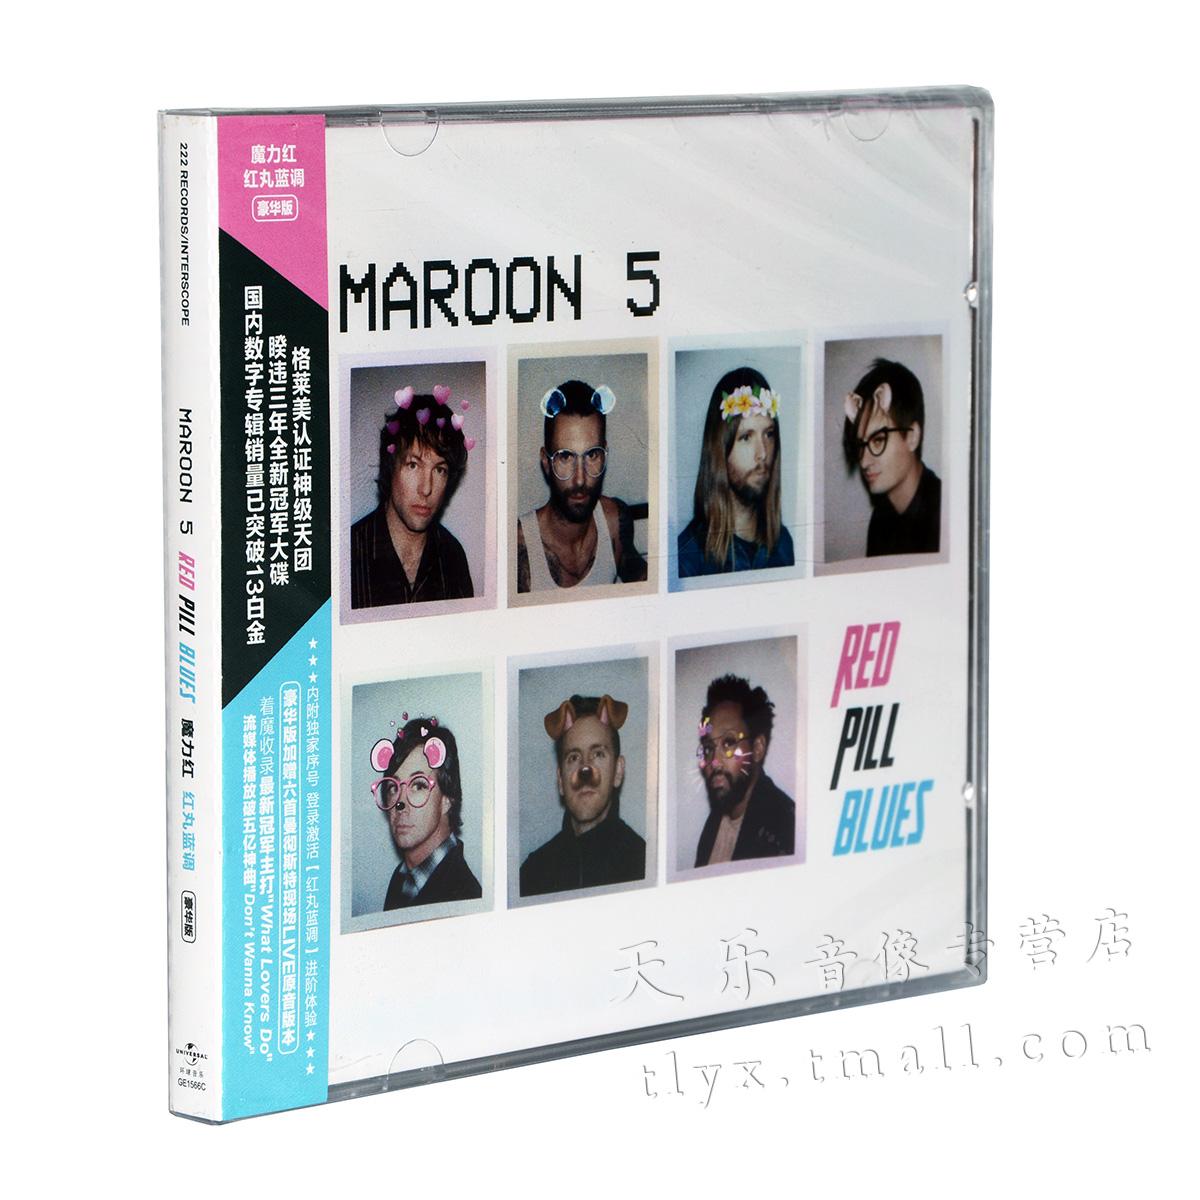 正版 Maroon 5 Red Pill Blues 魔力�t�]� �t丸�{�{ 豪�A版 2CD